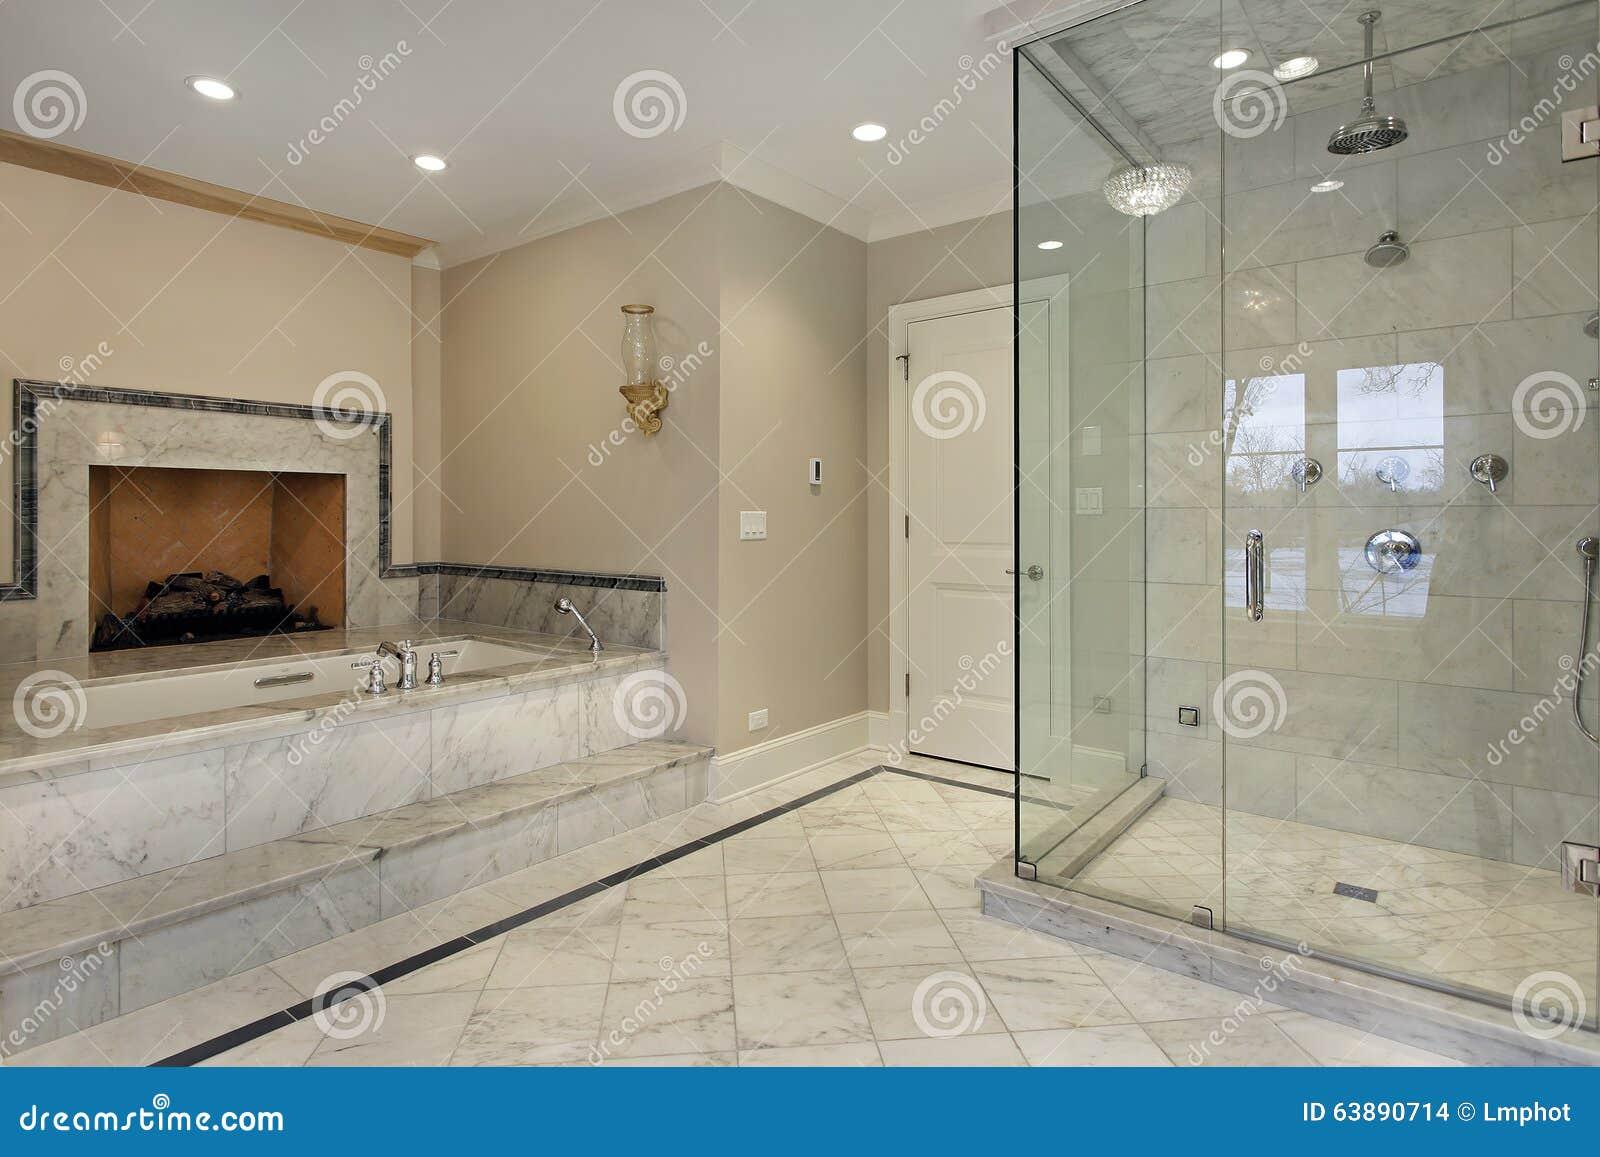 master-bad mit kamin stockfoto. bild von fußboden, badezimmer - 63890714